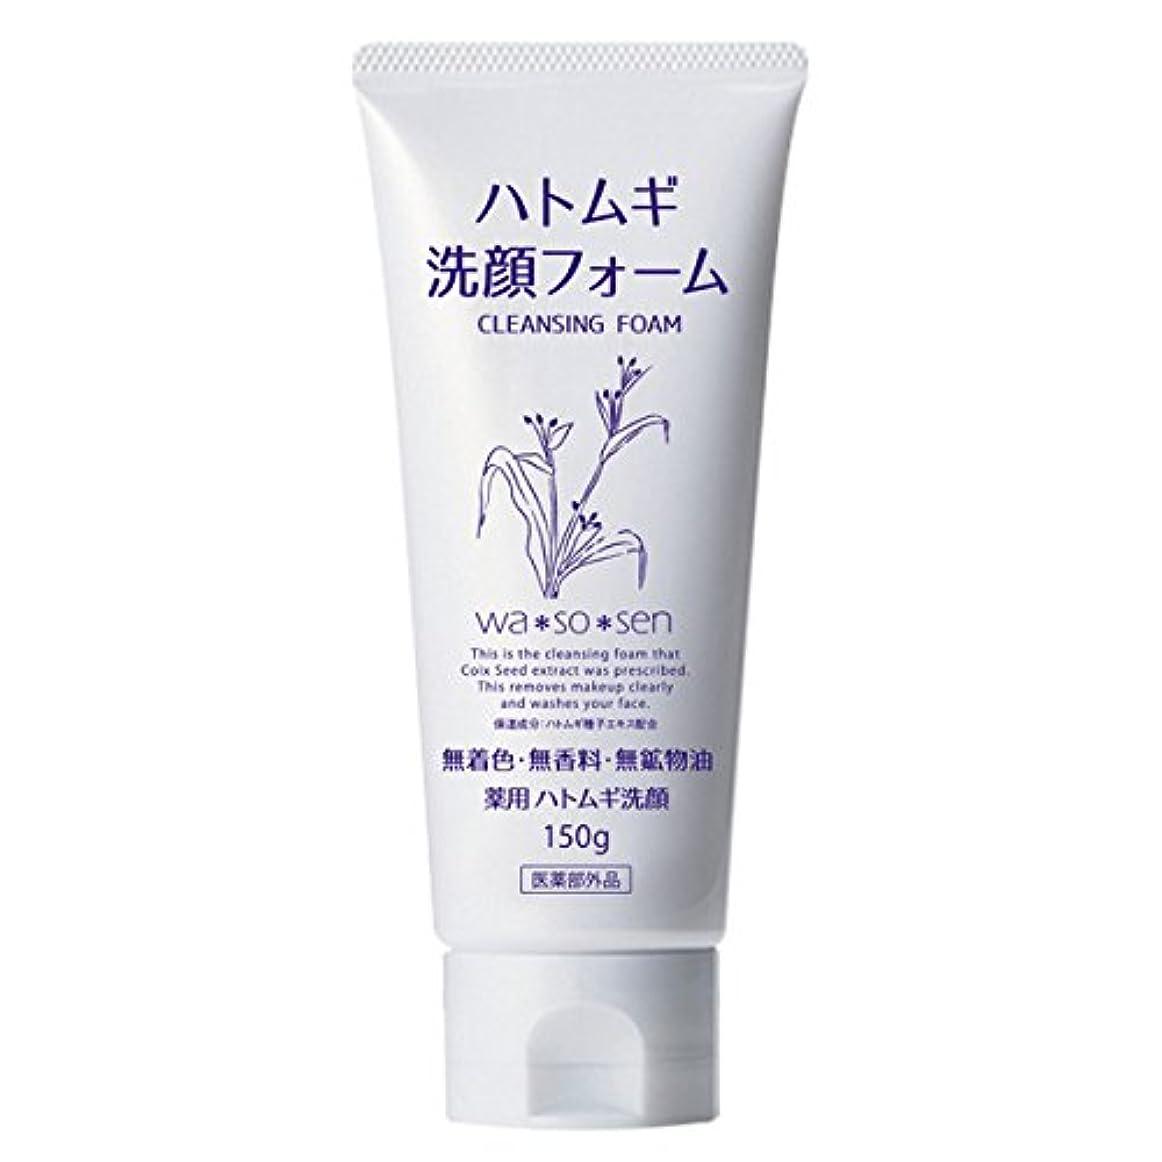 汚染されたいつでも改善する薬用ハトムギ洗顔フォーム (150g)